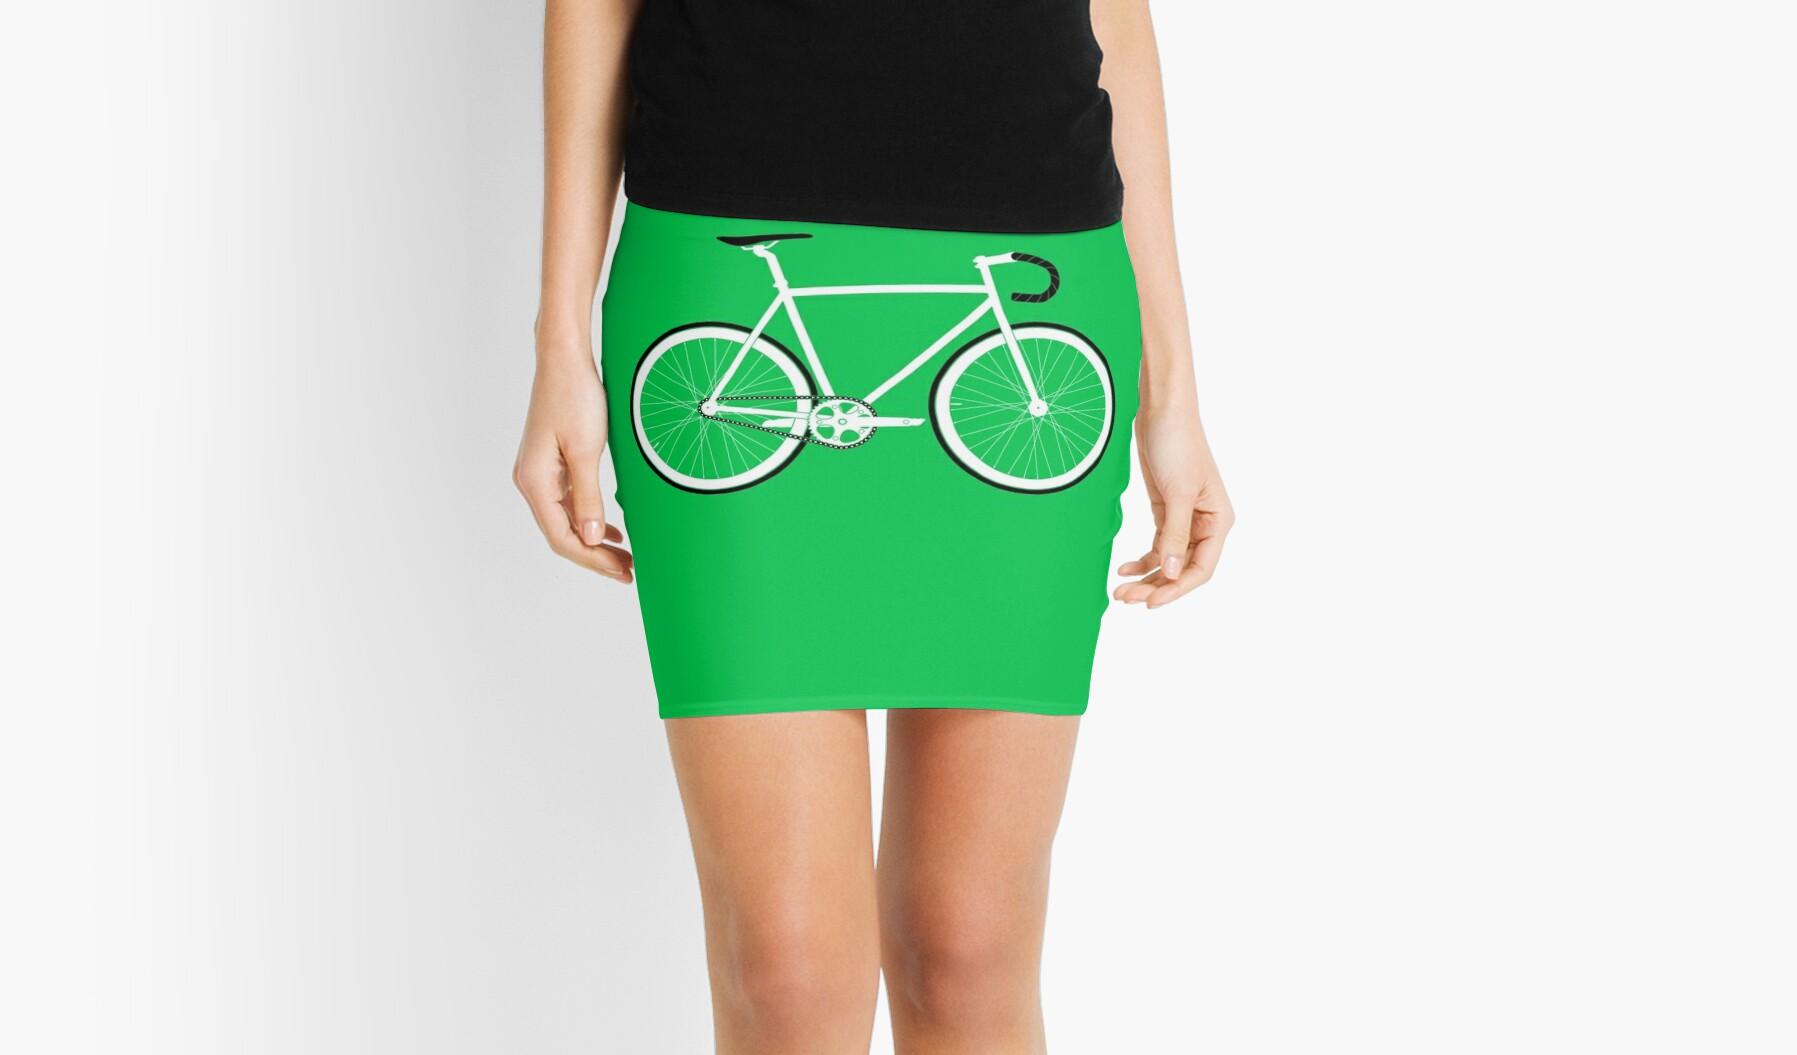 Green Fixed Gear Road Bike by Ark Studio